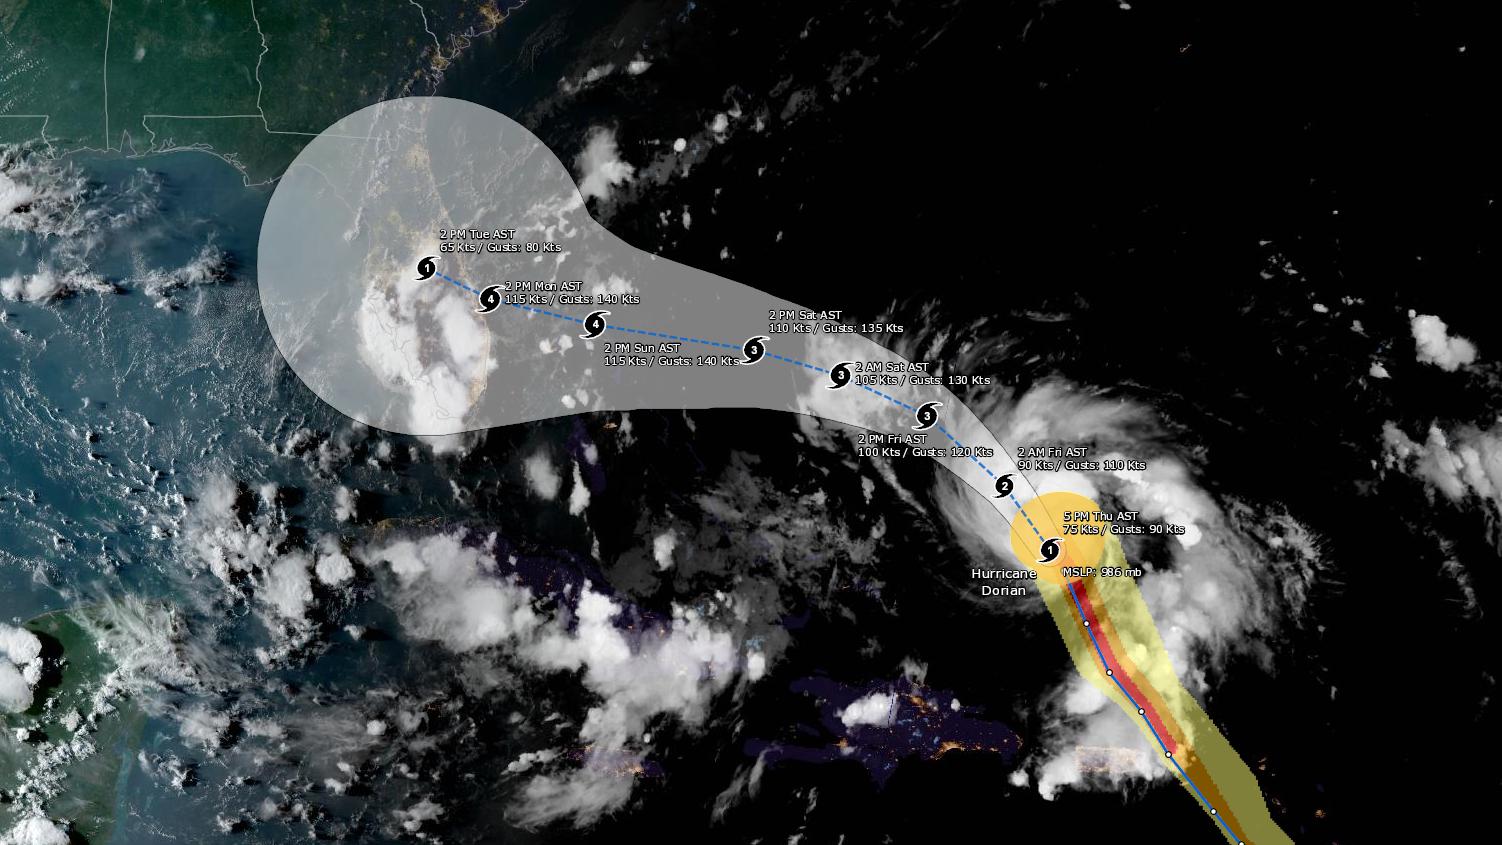 Earthstar Geographics | NOAA/NOS/OCS nowCOAST, NOAA/NWS/NHC, NOAA/NWS/CPHC